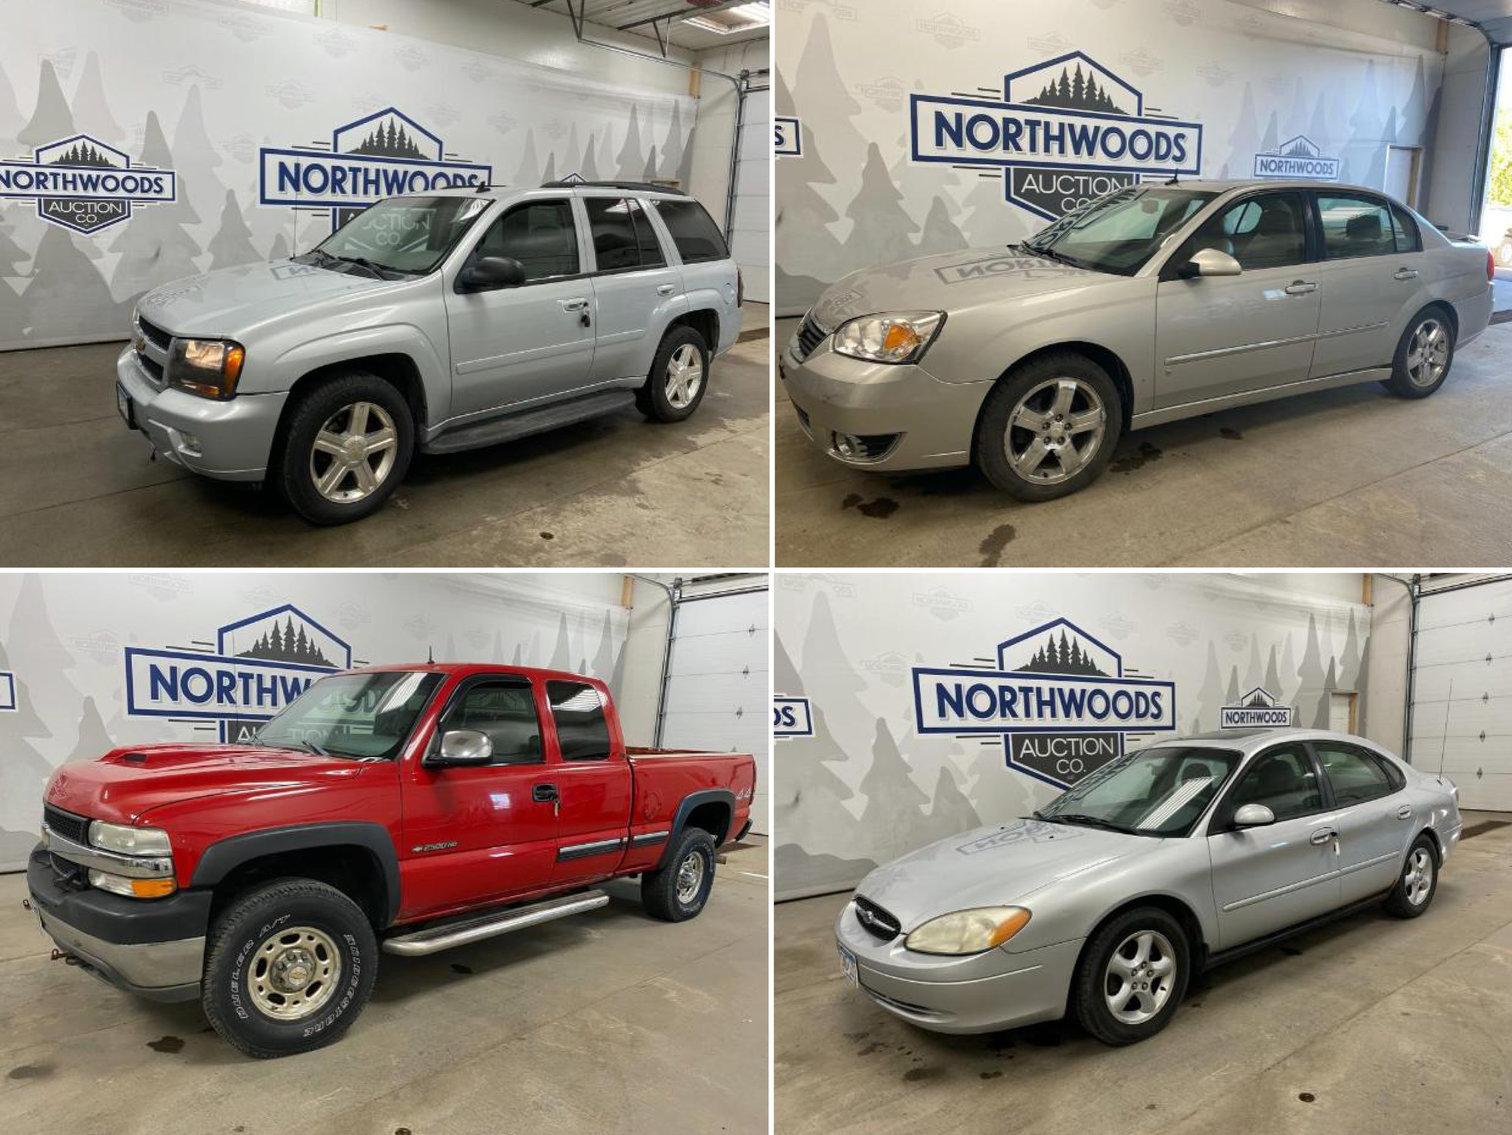 Used Vehicle Sale Event #4